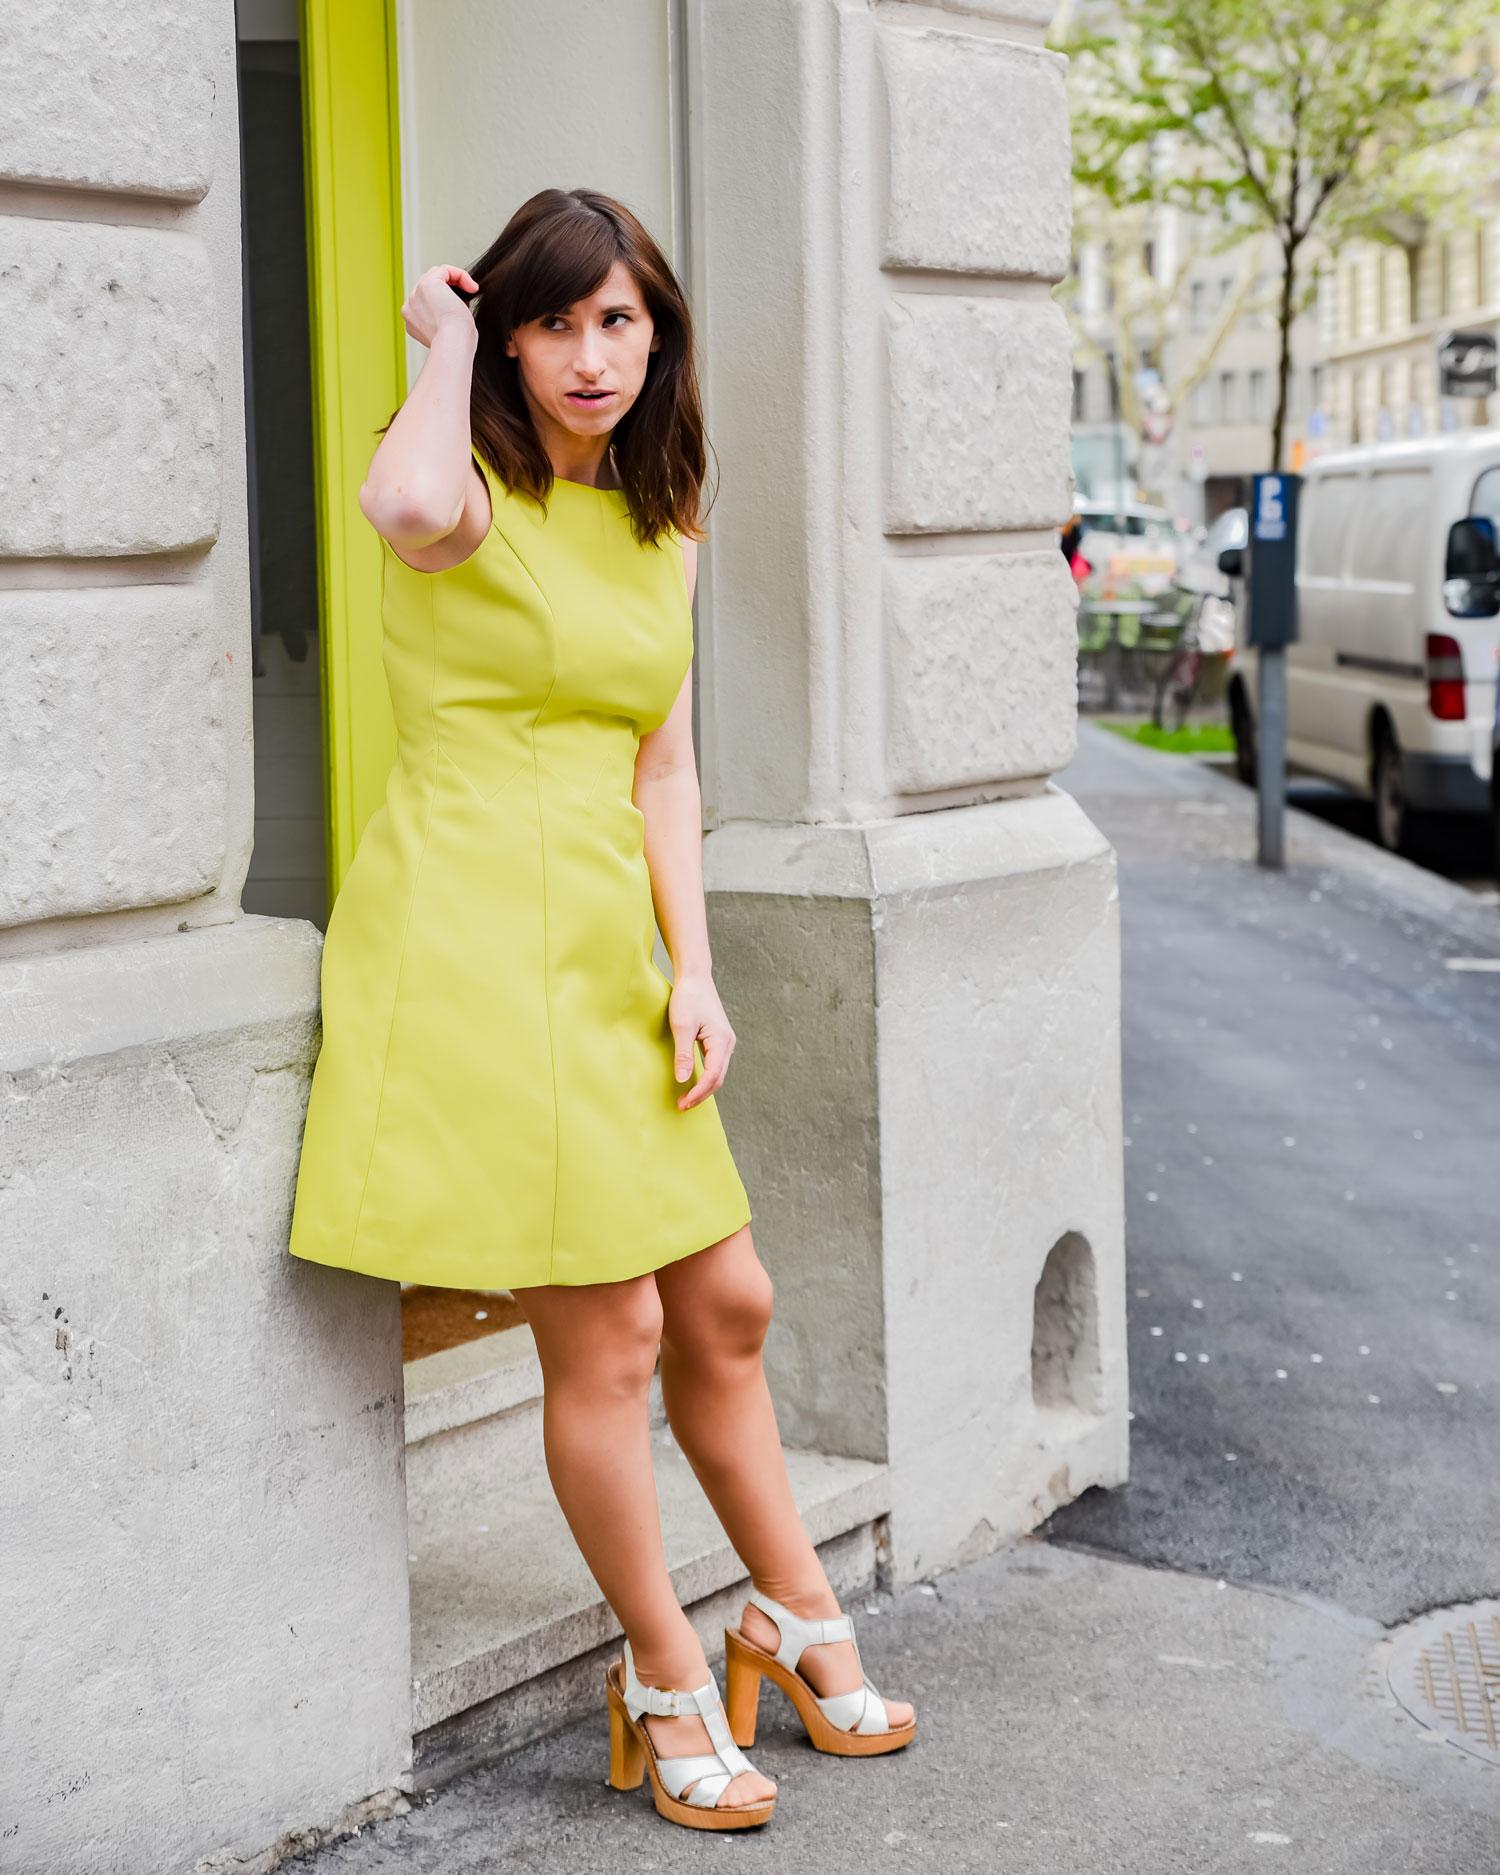 Dolce: Kleid von Darling London, Sandaletten von Ol'Autre Shoses